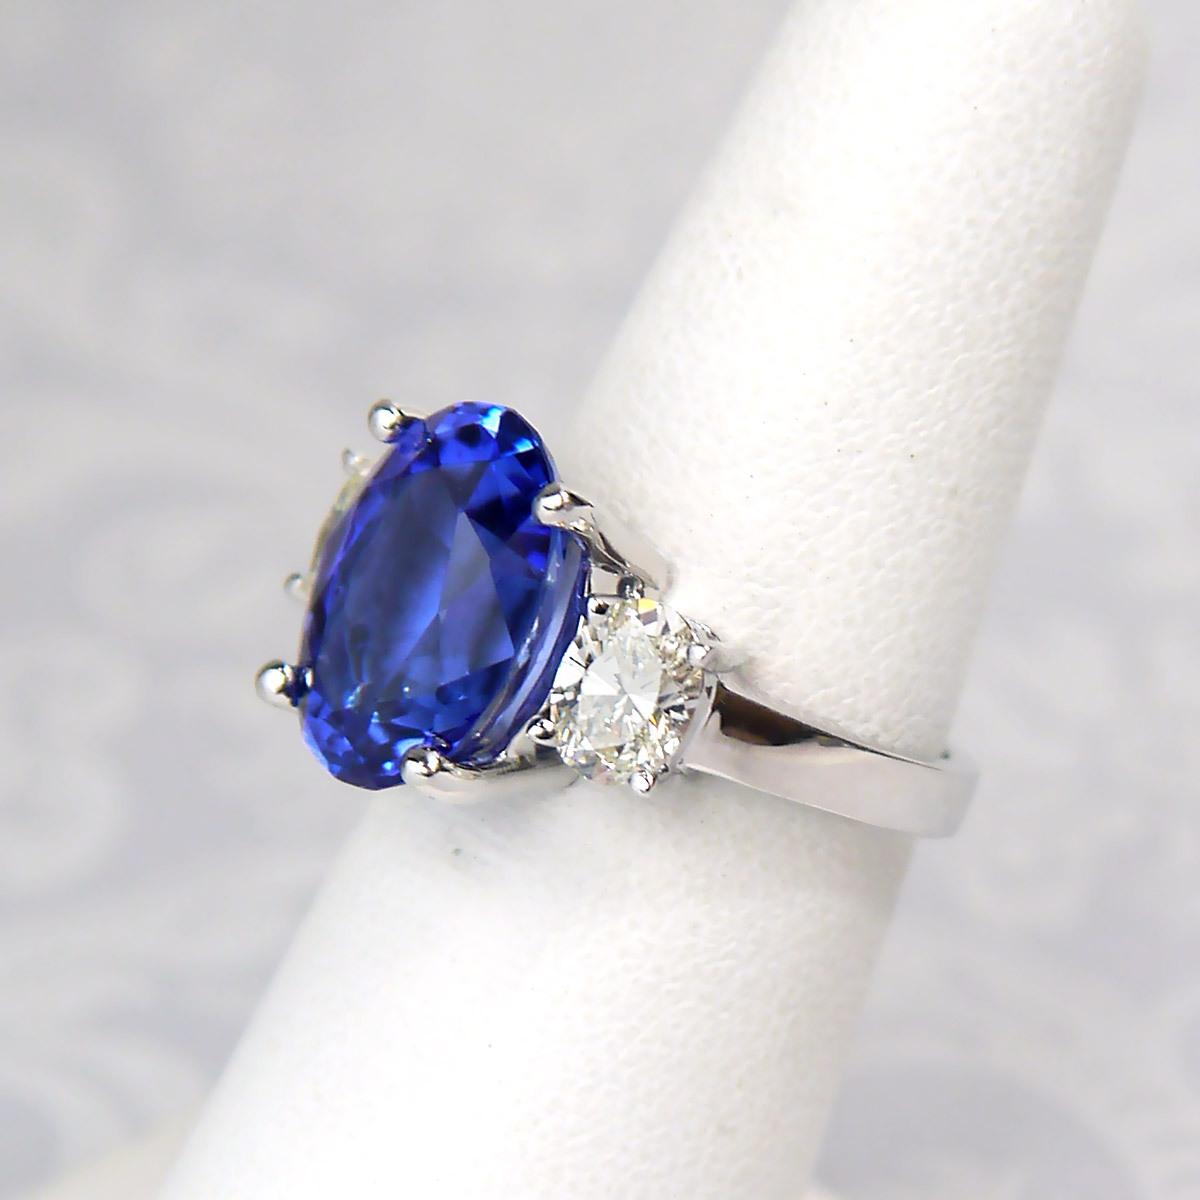 Oval Tanzanite & Diamond Ring in 14K White Gold